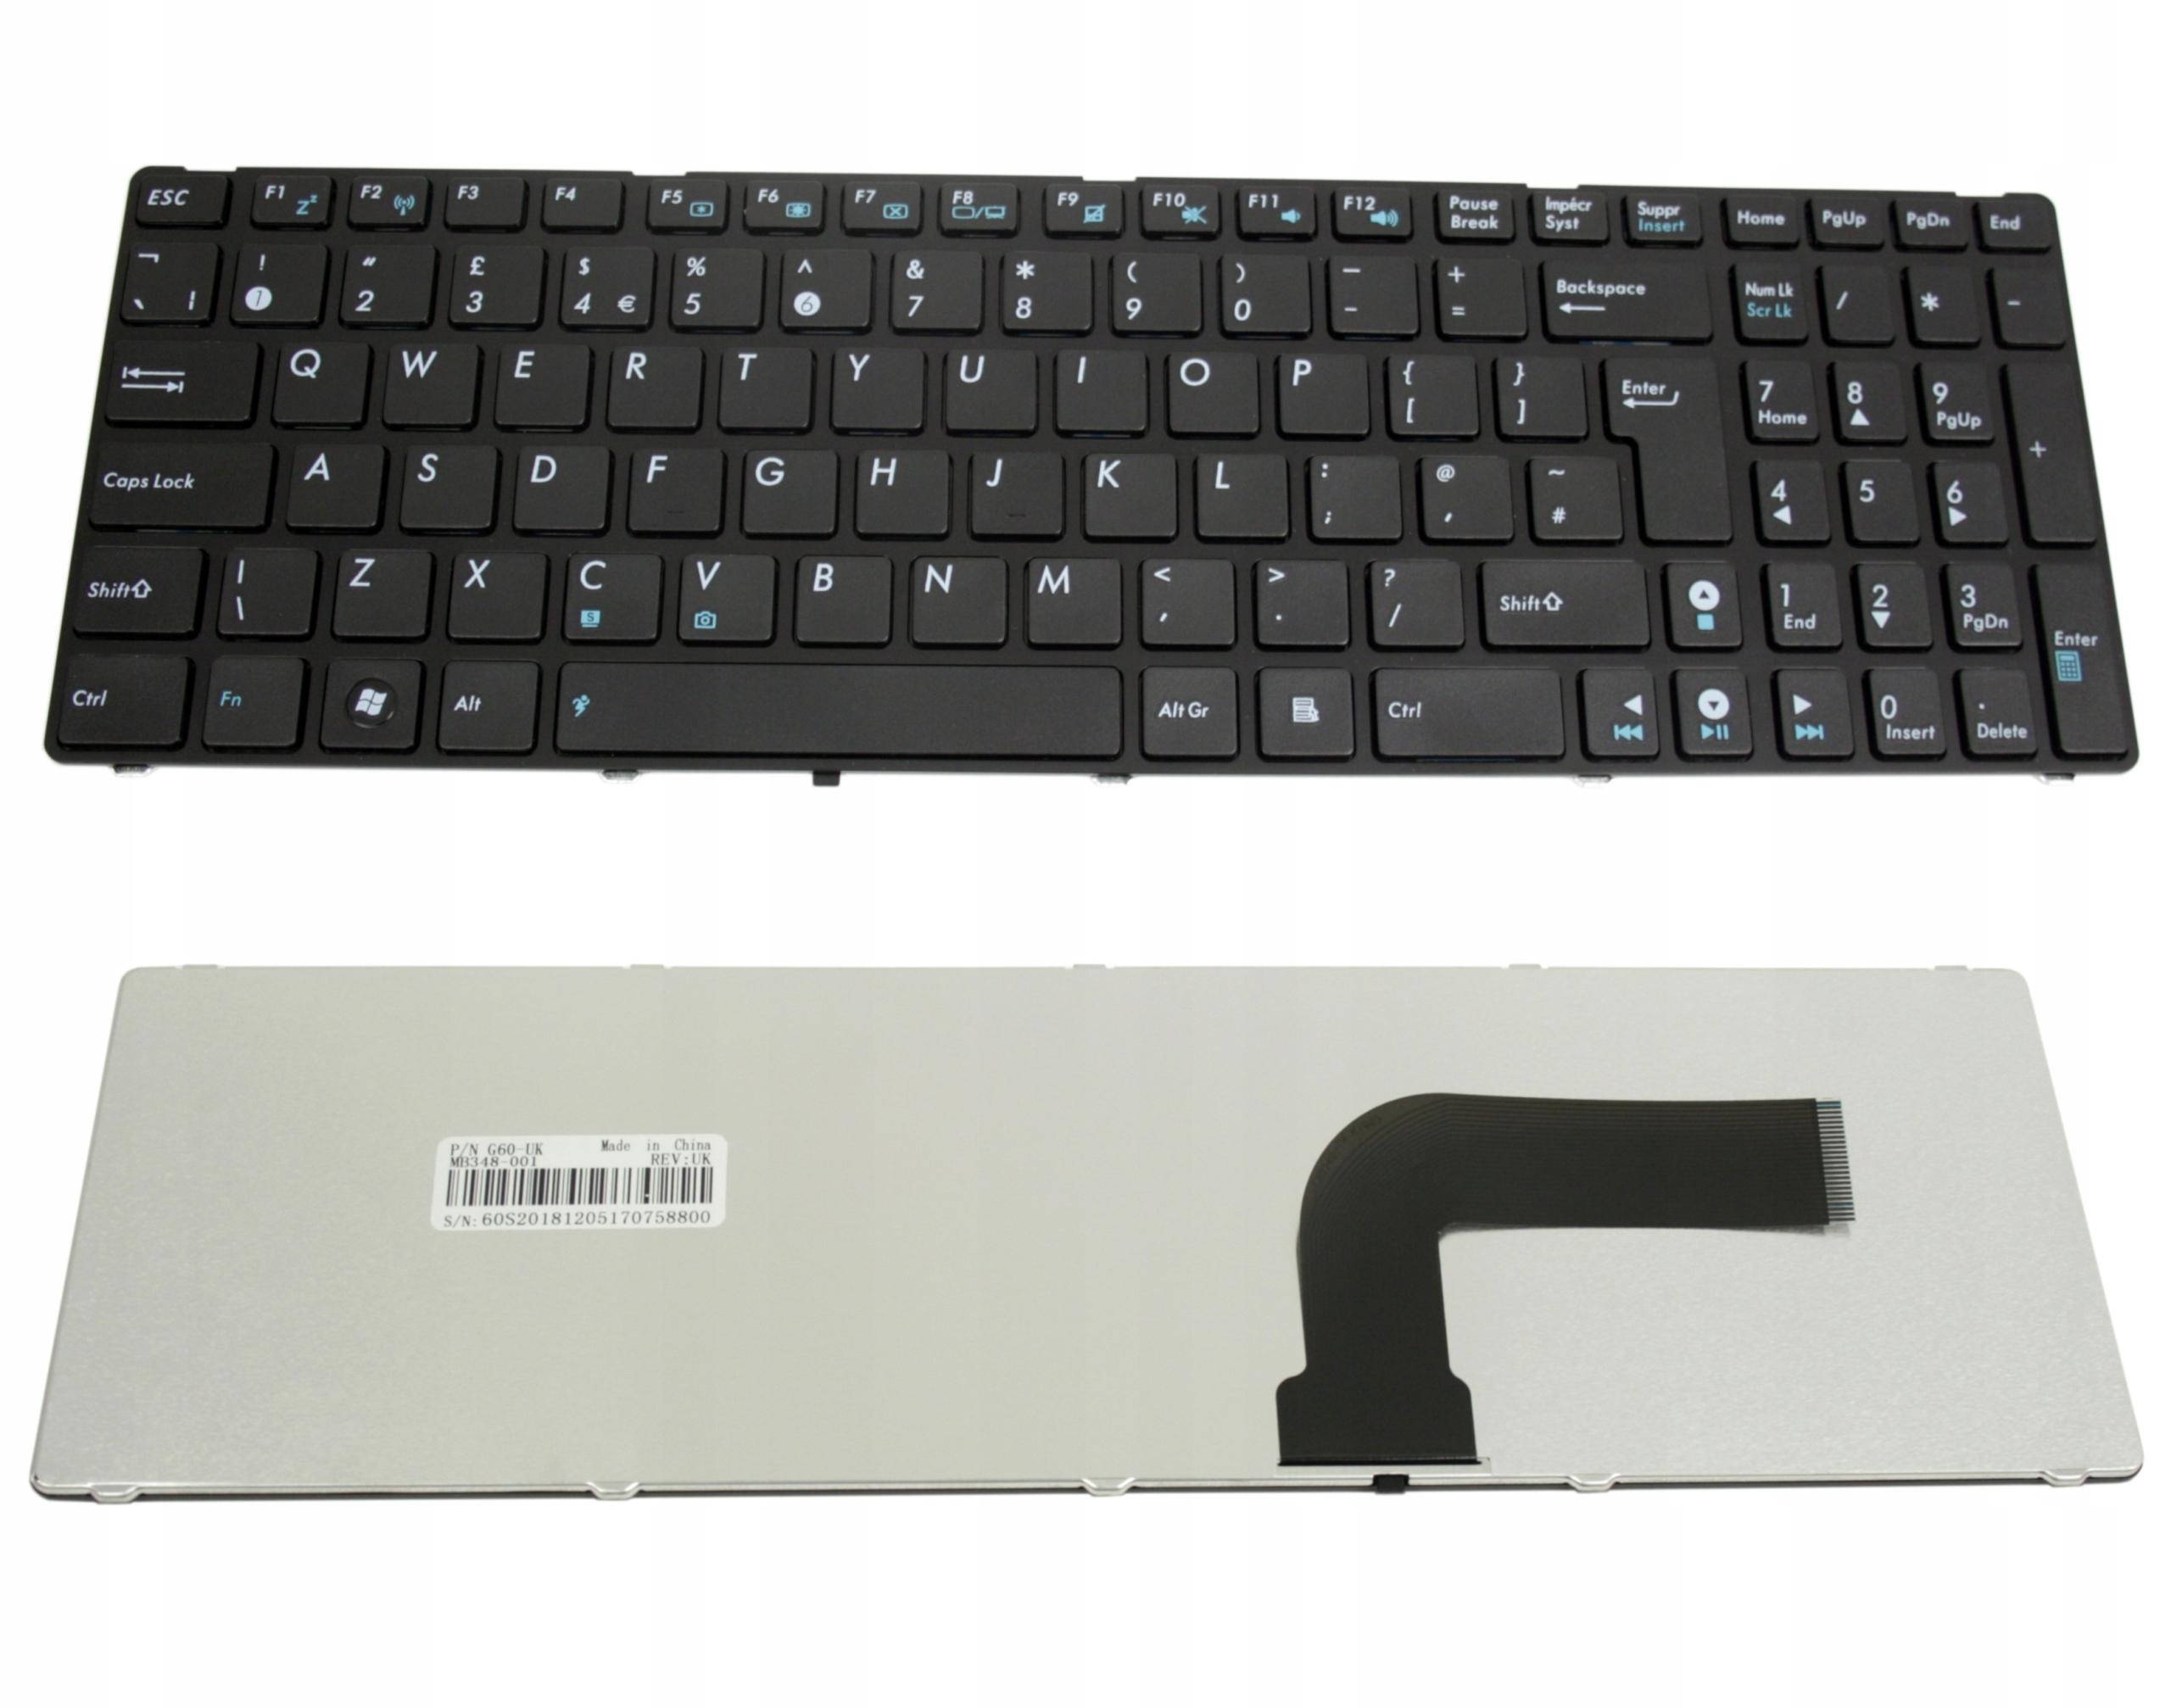 KLAWIATURA ASUS X54 X54C X54L X54XB X54H X54HY G60 - Klawiatury do laptopów